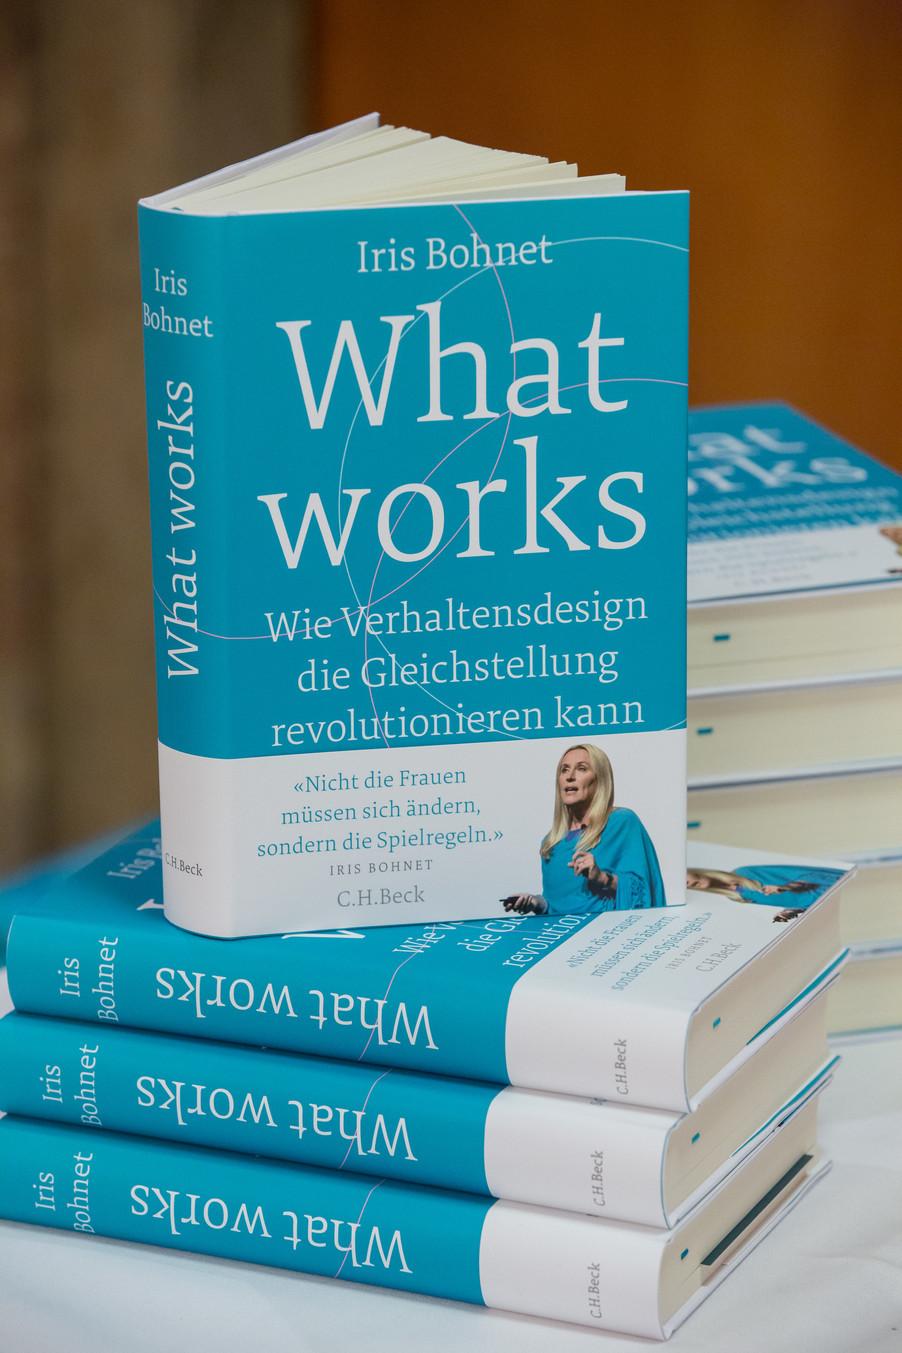 Bild 79 | VBEN | Iris Bohnet: What Works. Wie Verhaltensdesign die Gleichstellung revolutionieren kann.